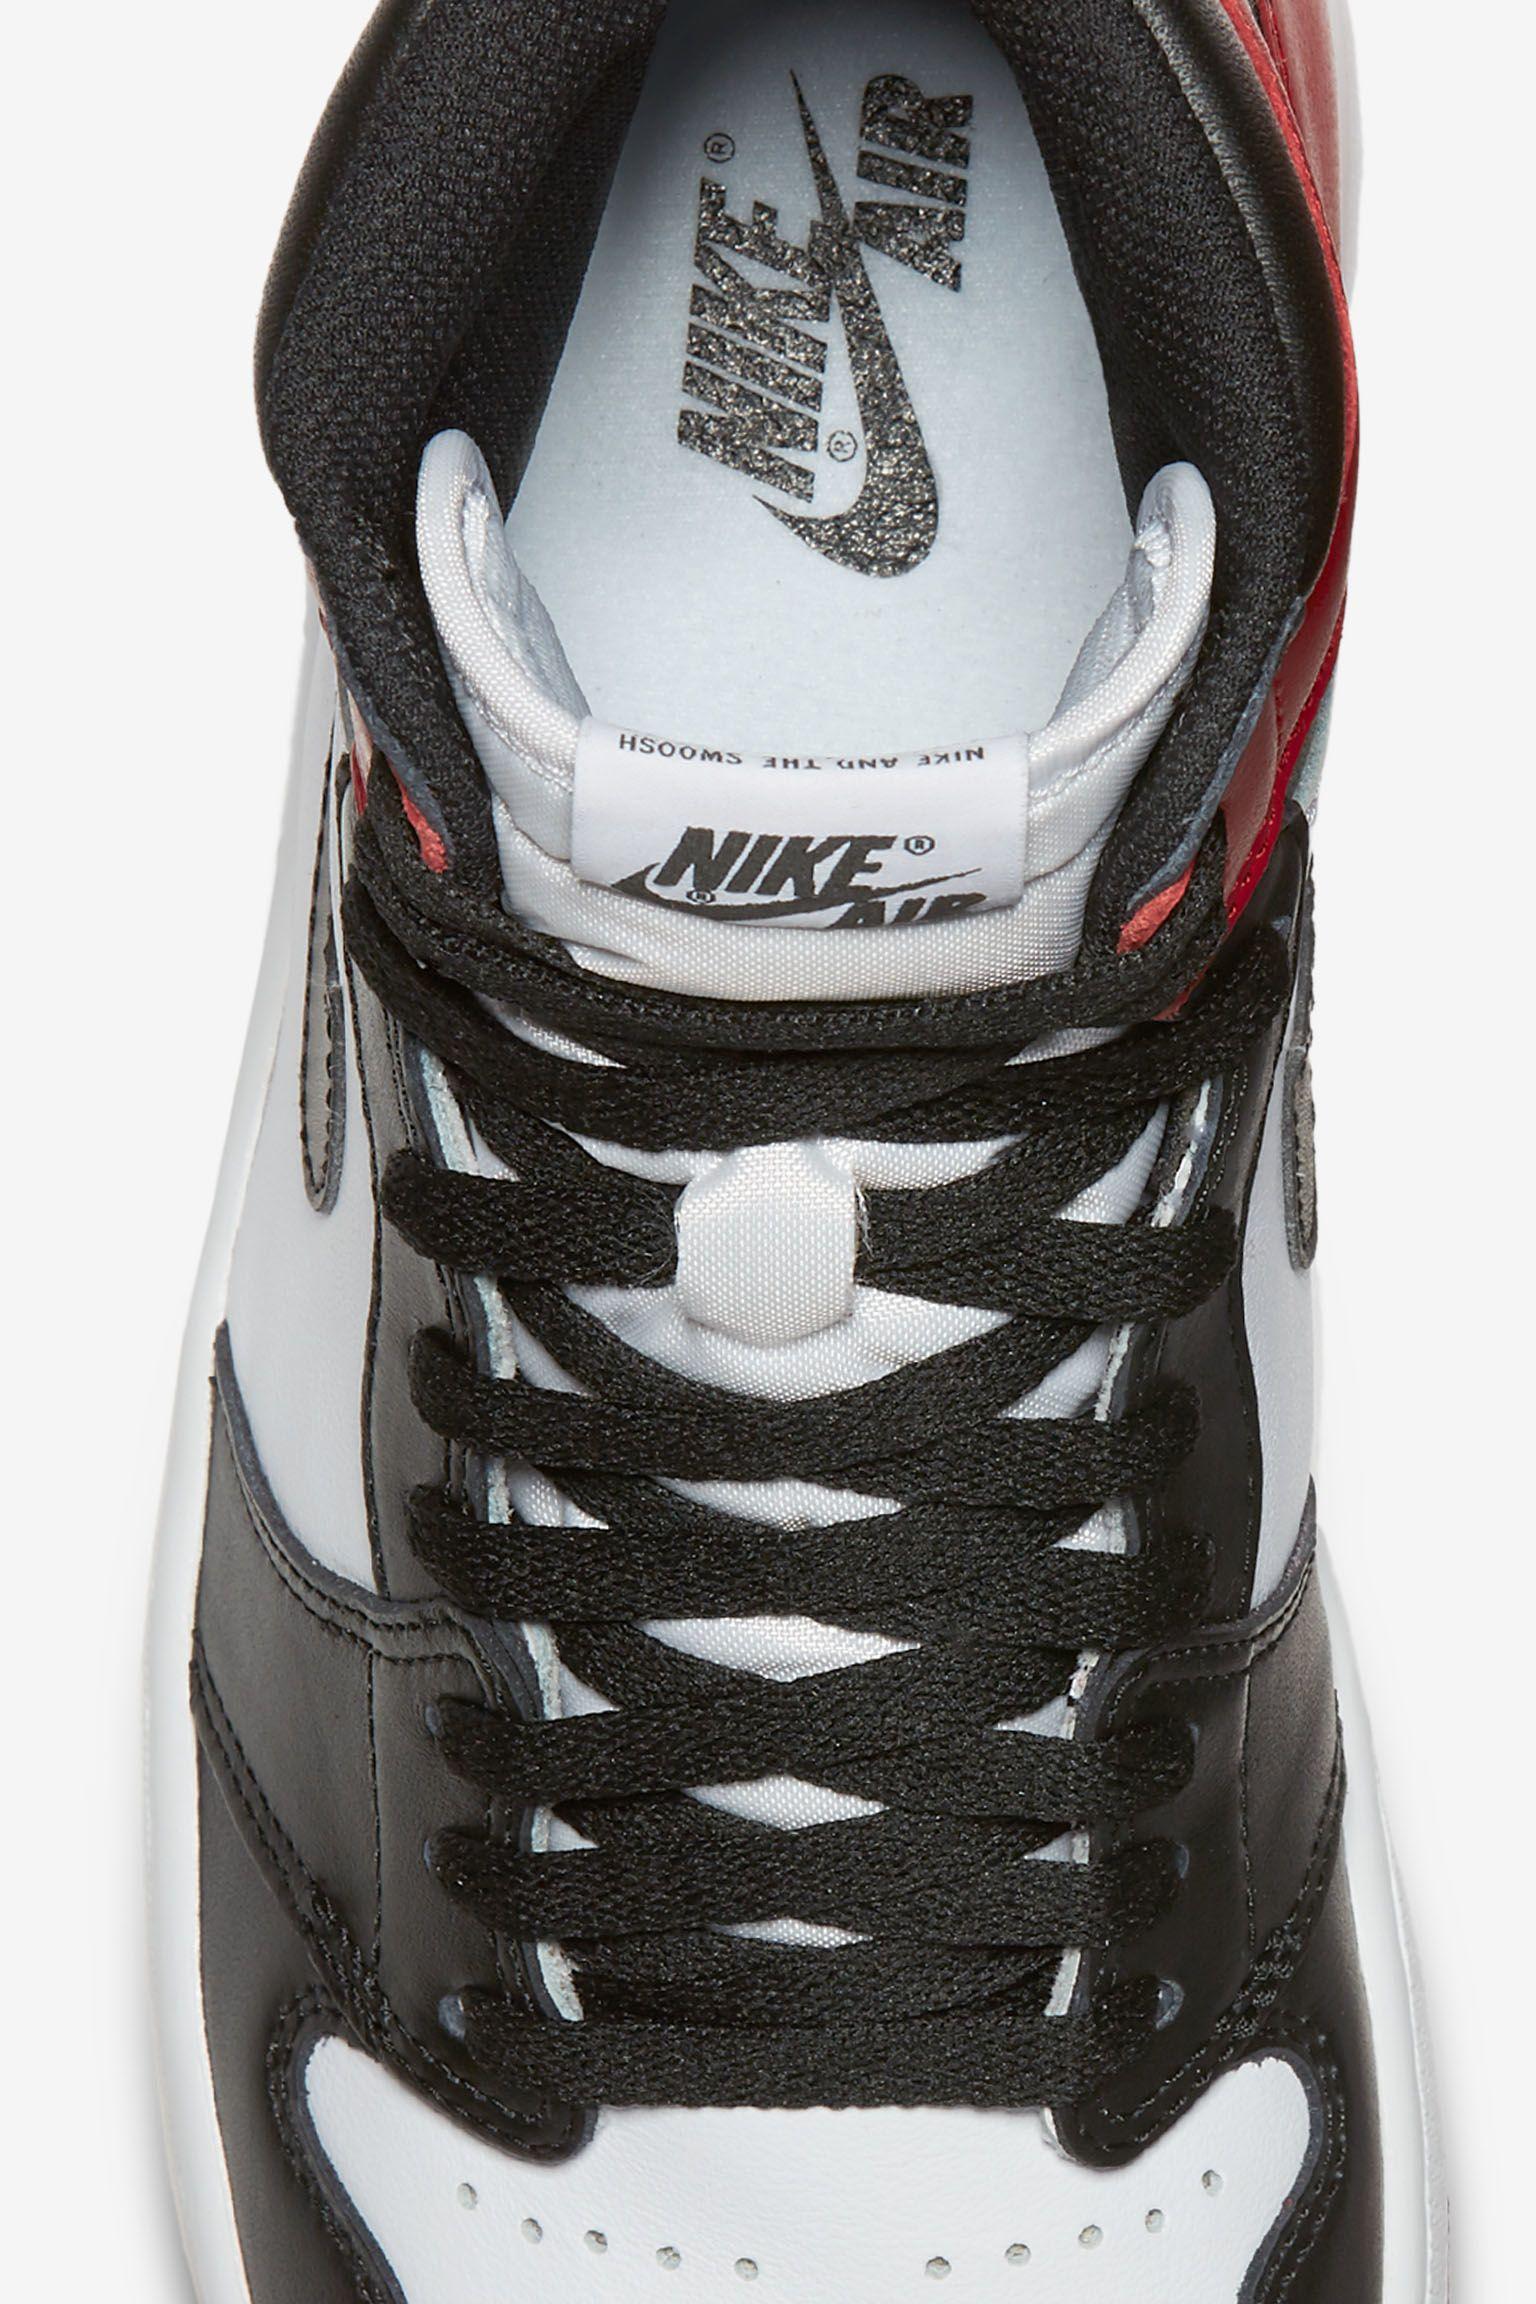 Air Jordan 1 Retro 'Black Toe' Release Date